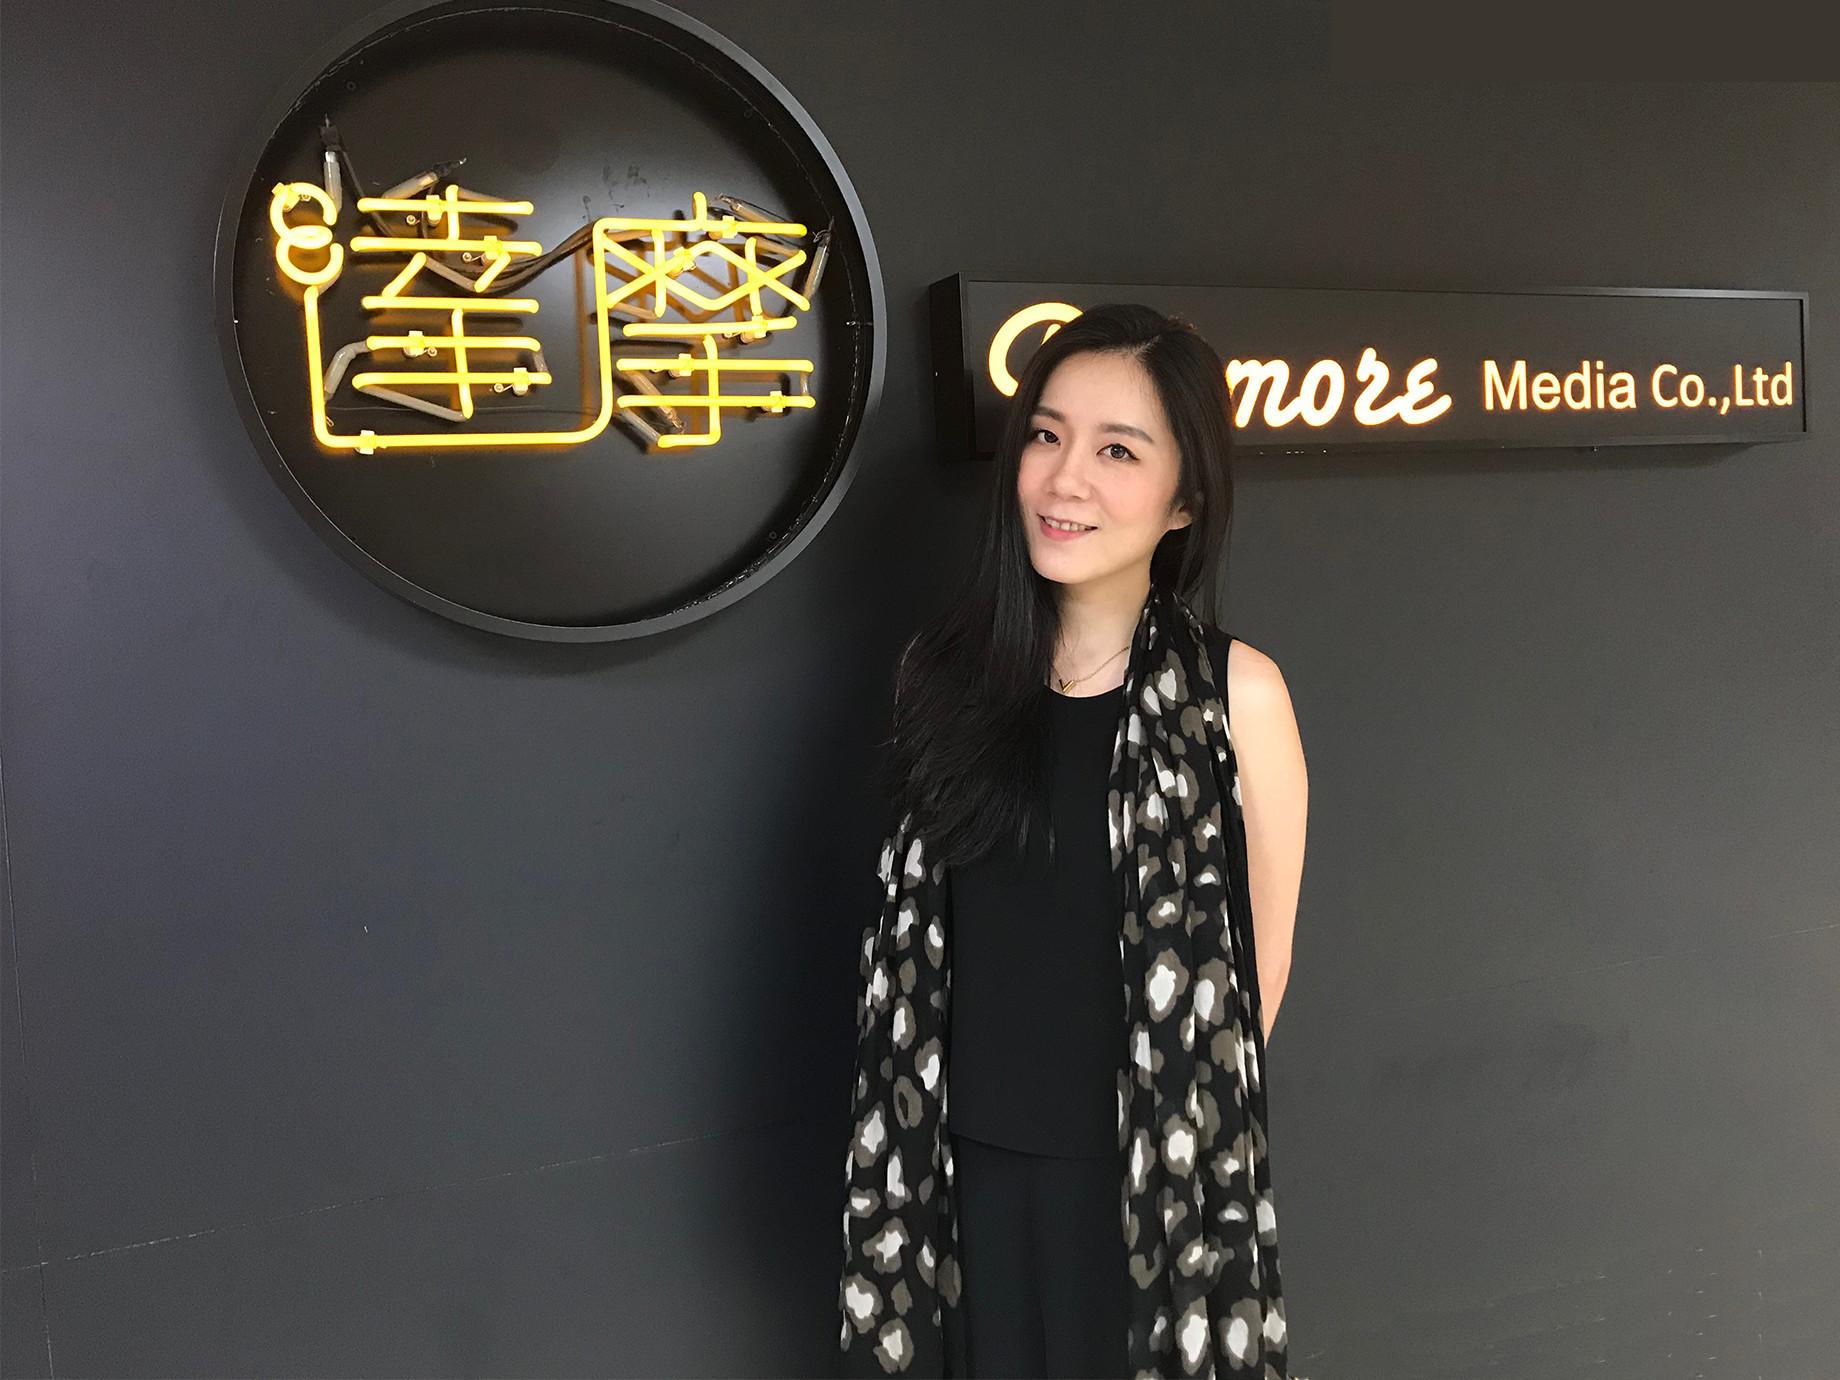 台灣自媒體協會企業報導》達摩媒體3大優勢,立足口碑行銷12年